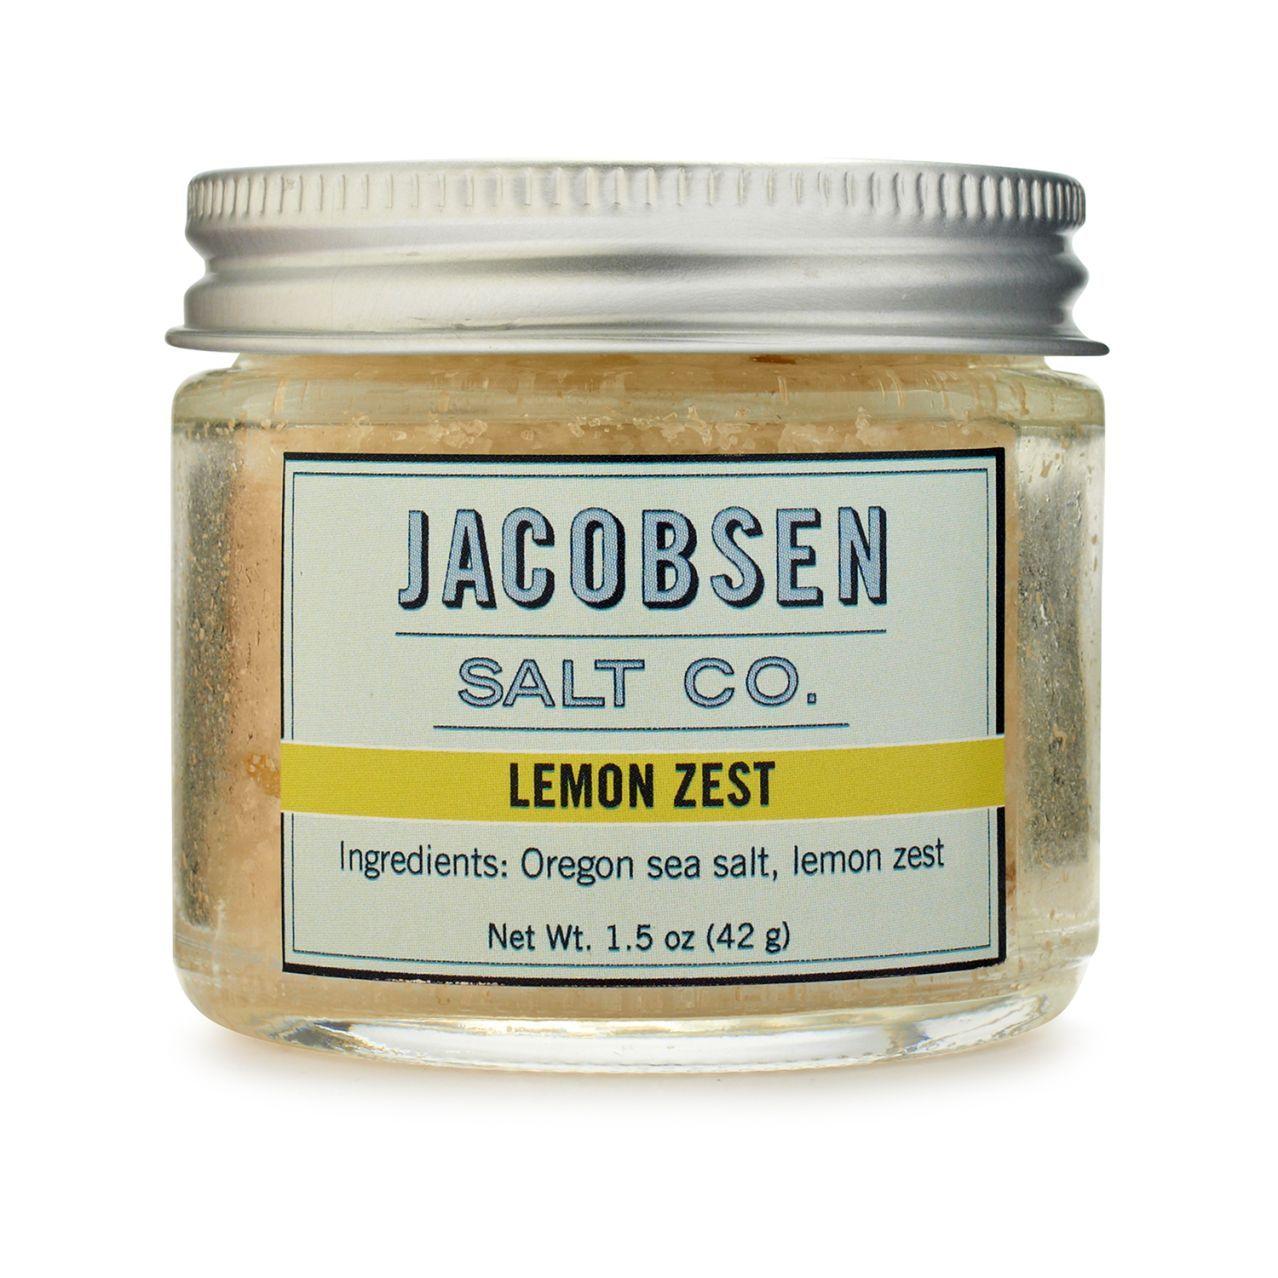 Jacobsen Salt Co. Lemon Zest Flake Sea Salt | Sur La Table